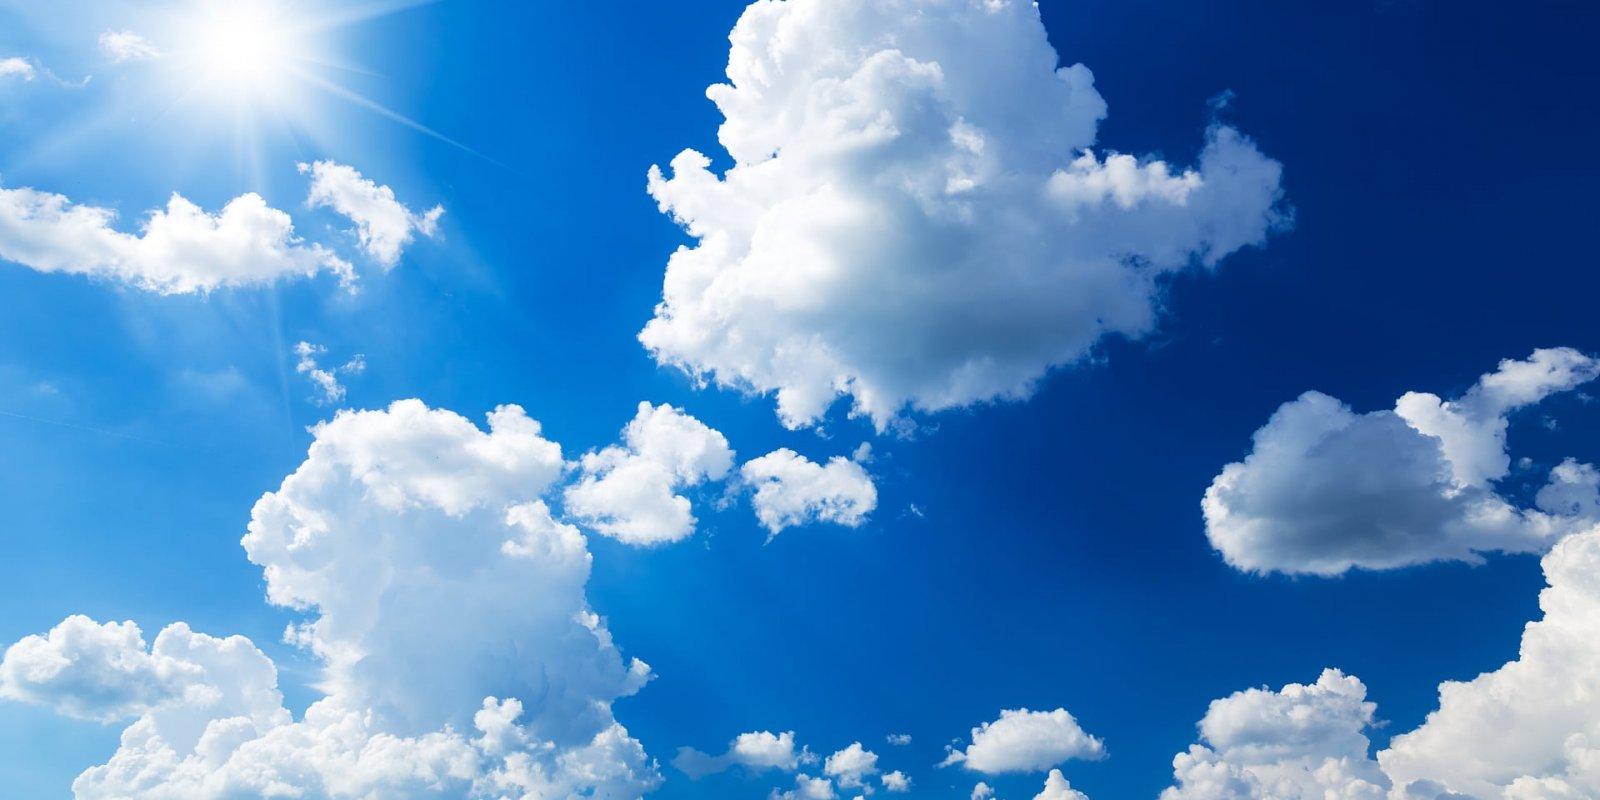 Wolken_Sonne_fotolia_65398541_SunnyForest.jpg.2940815.jpg